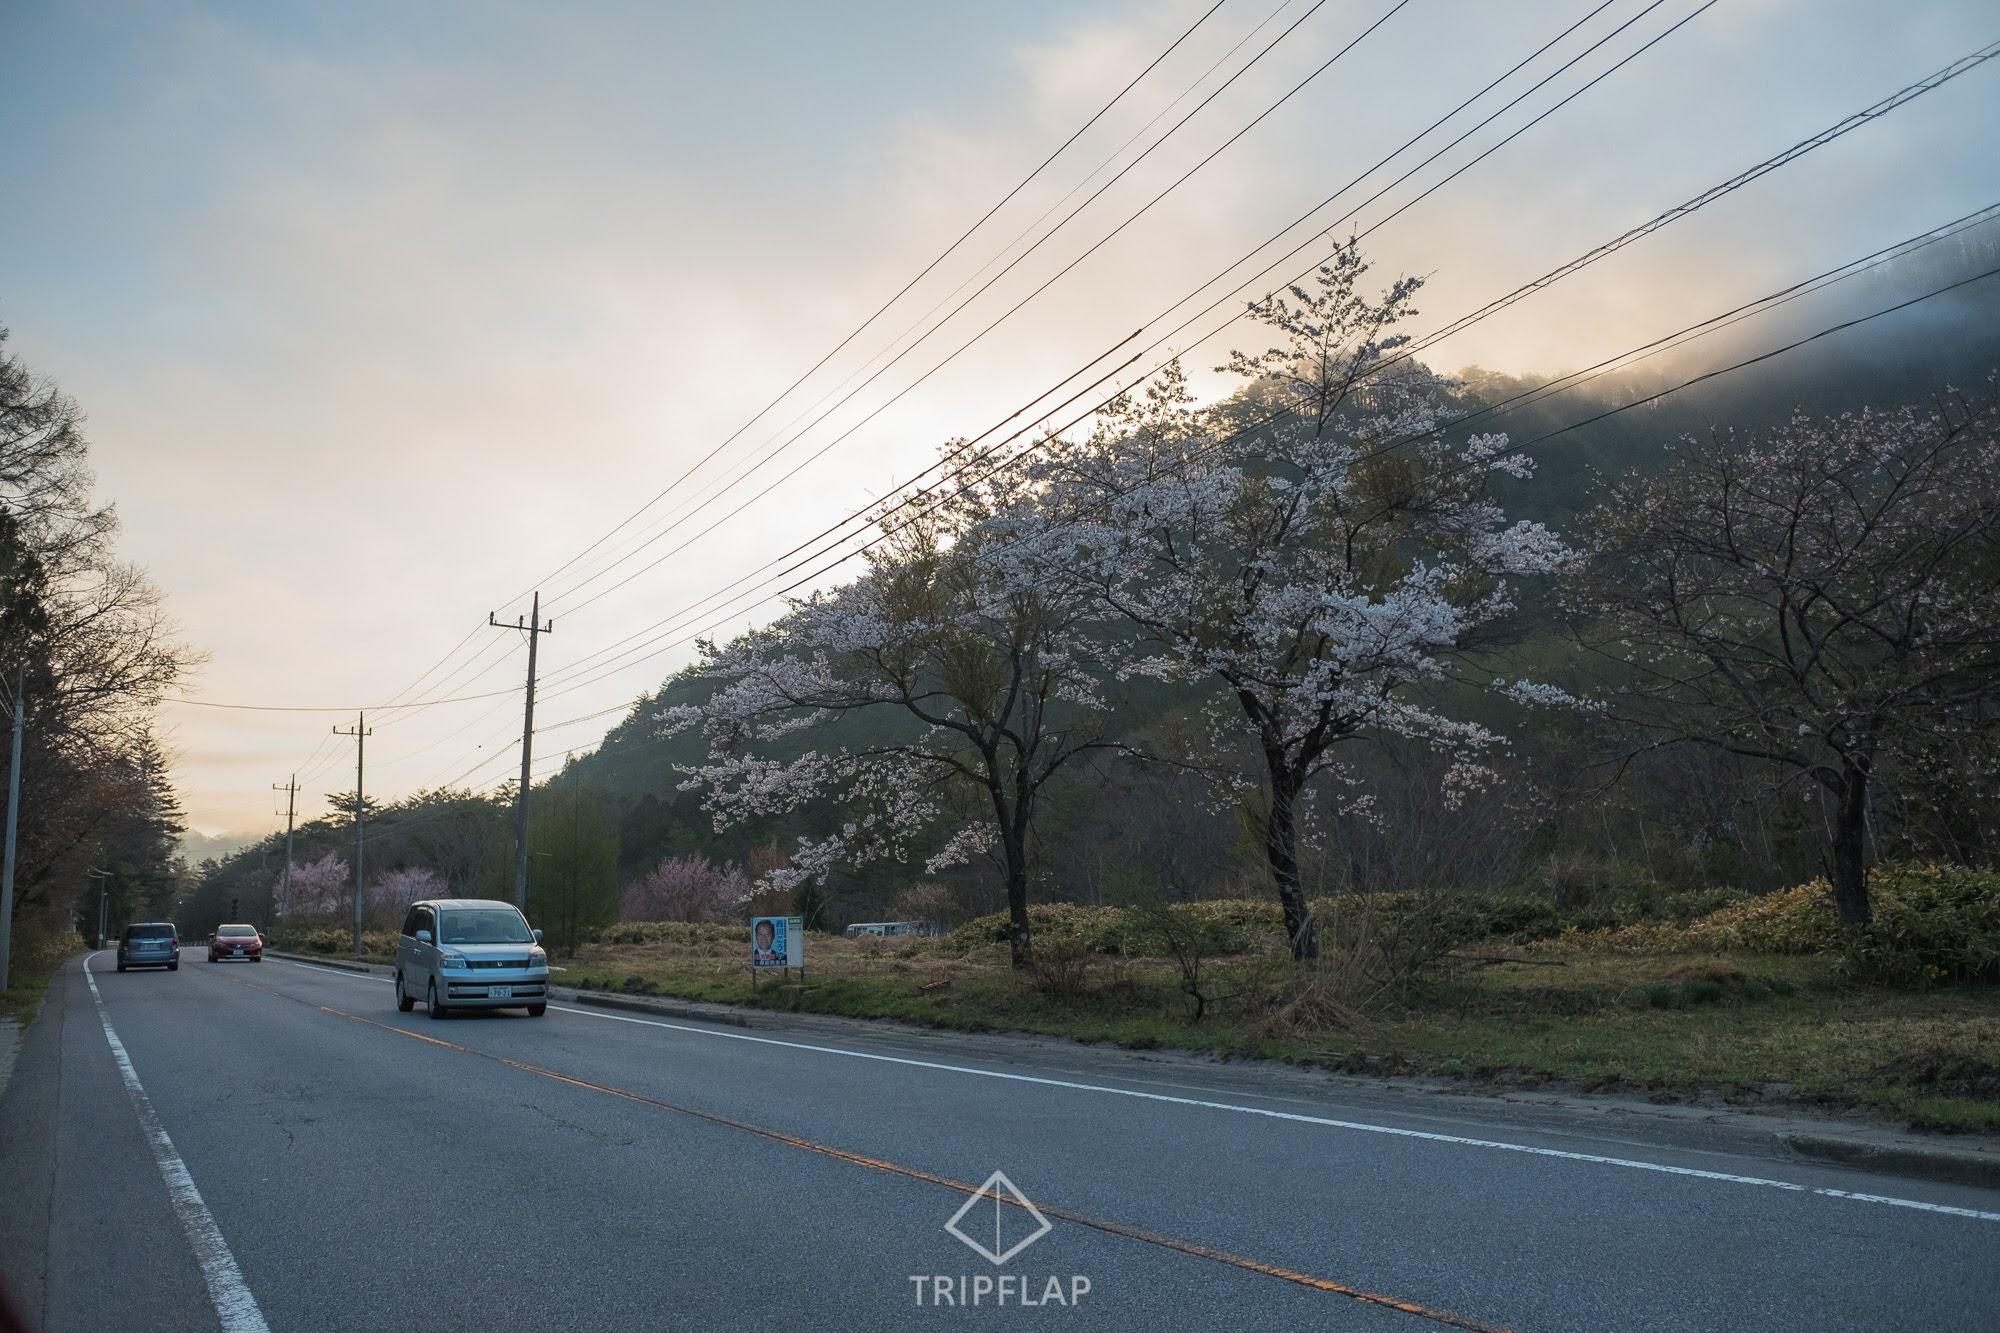 桧枝岐に向かう途中桜がまだ咲いていた